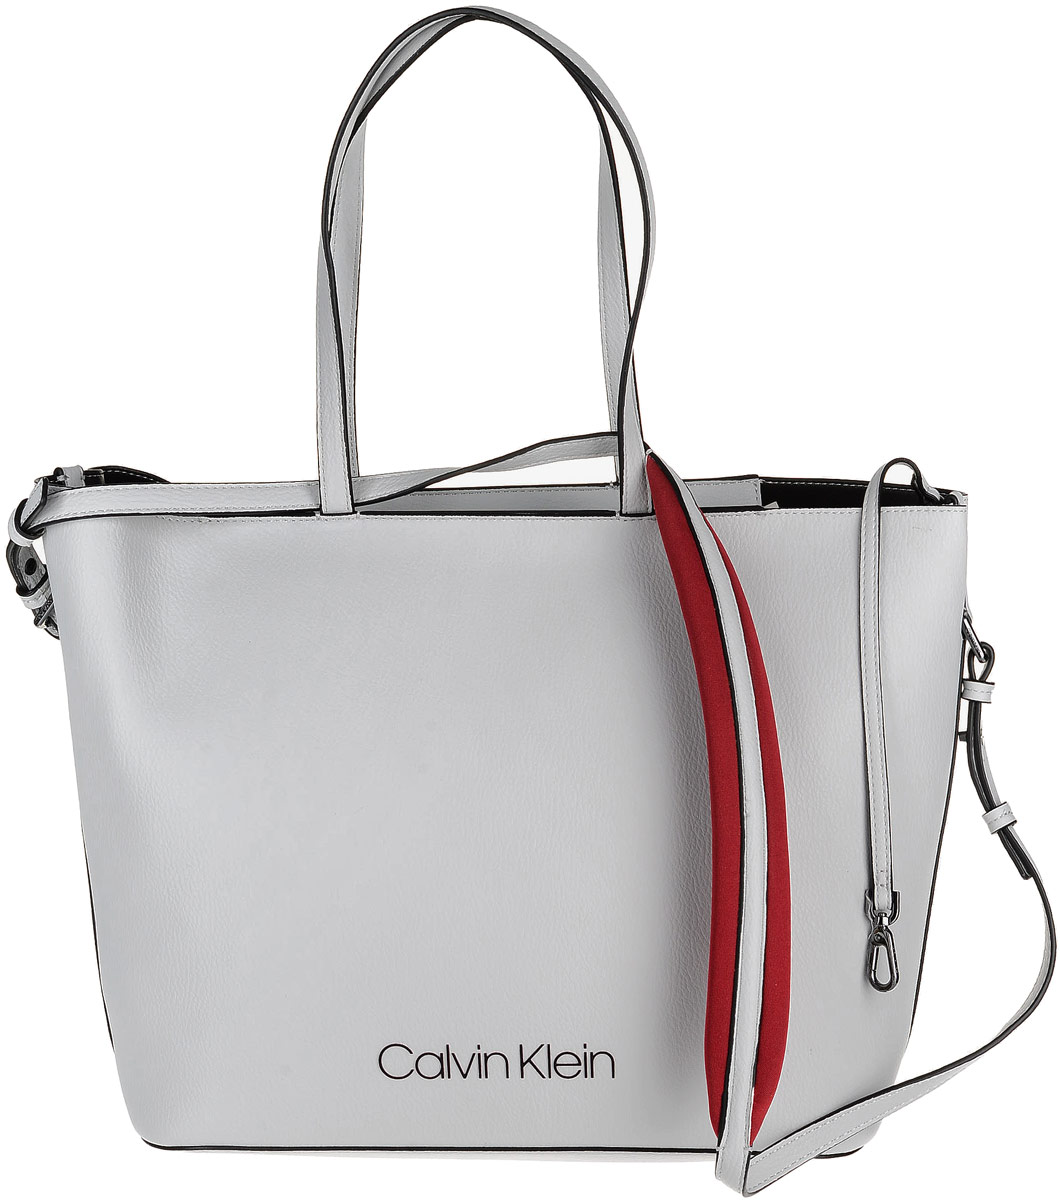 7d6462e5cef8 Сумка женская Calvin Klein Jeans, цвет: светло-серый. K60K604286/002 —  купить в интернет-магазине OZON.ru с быстрой доставкой